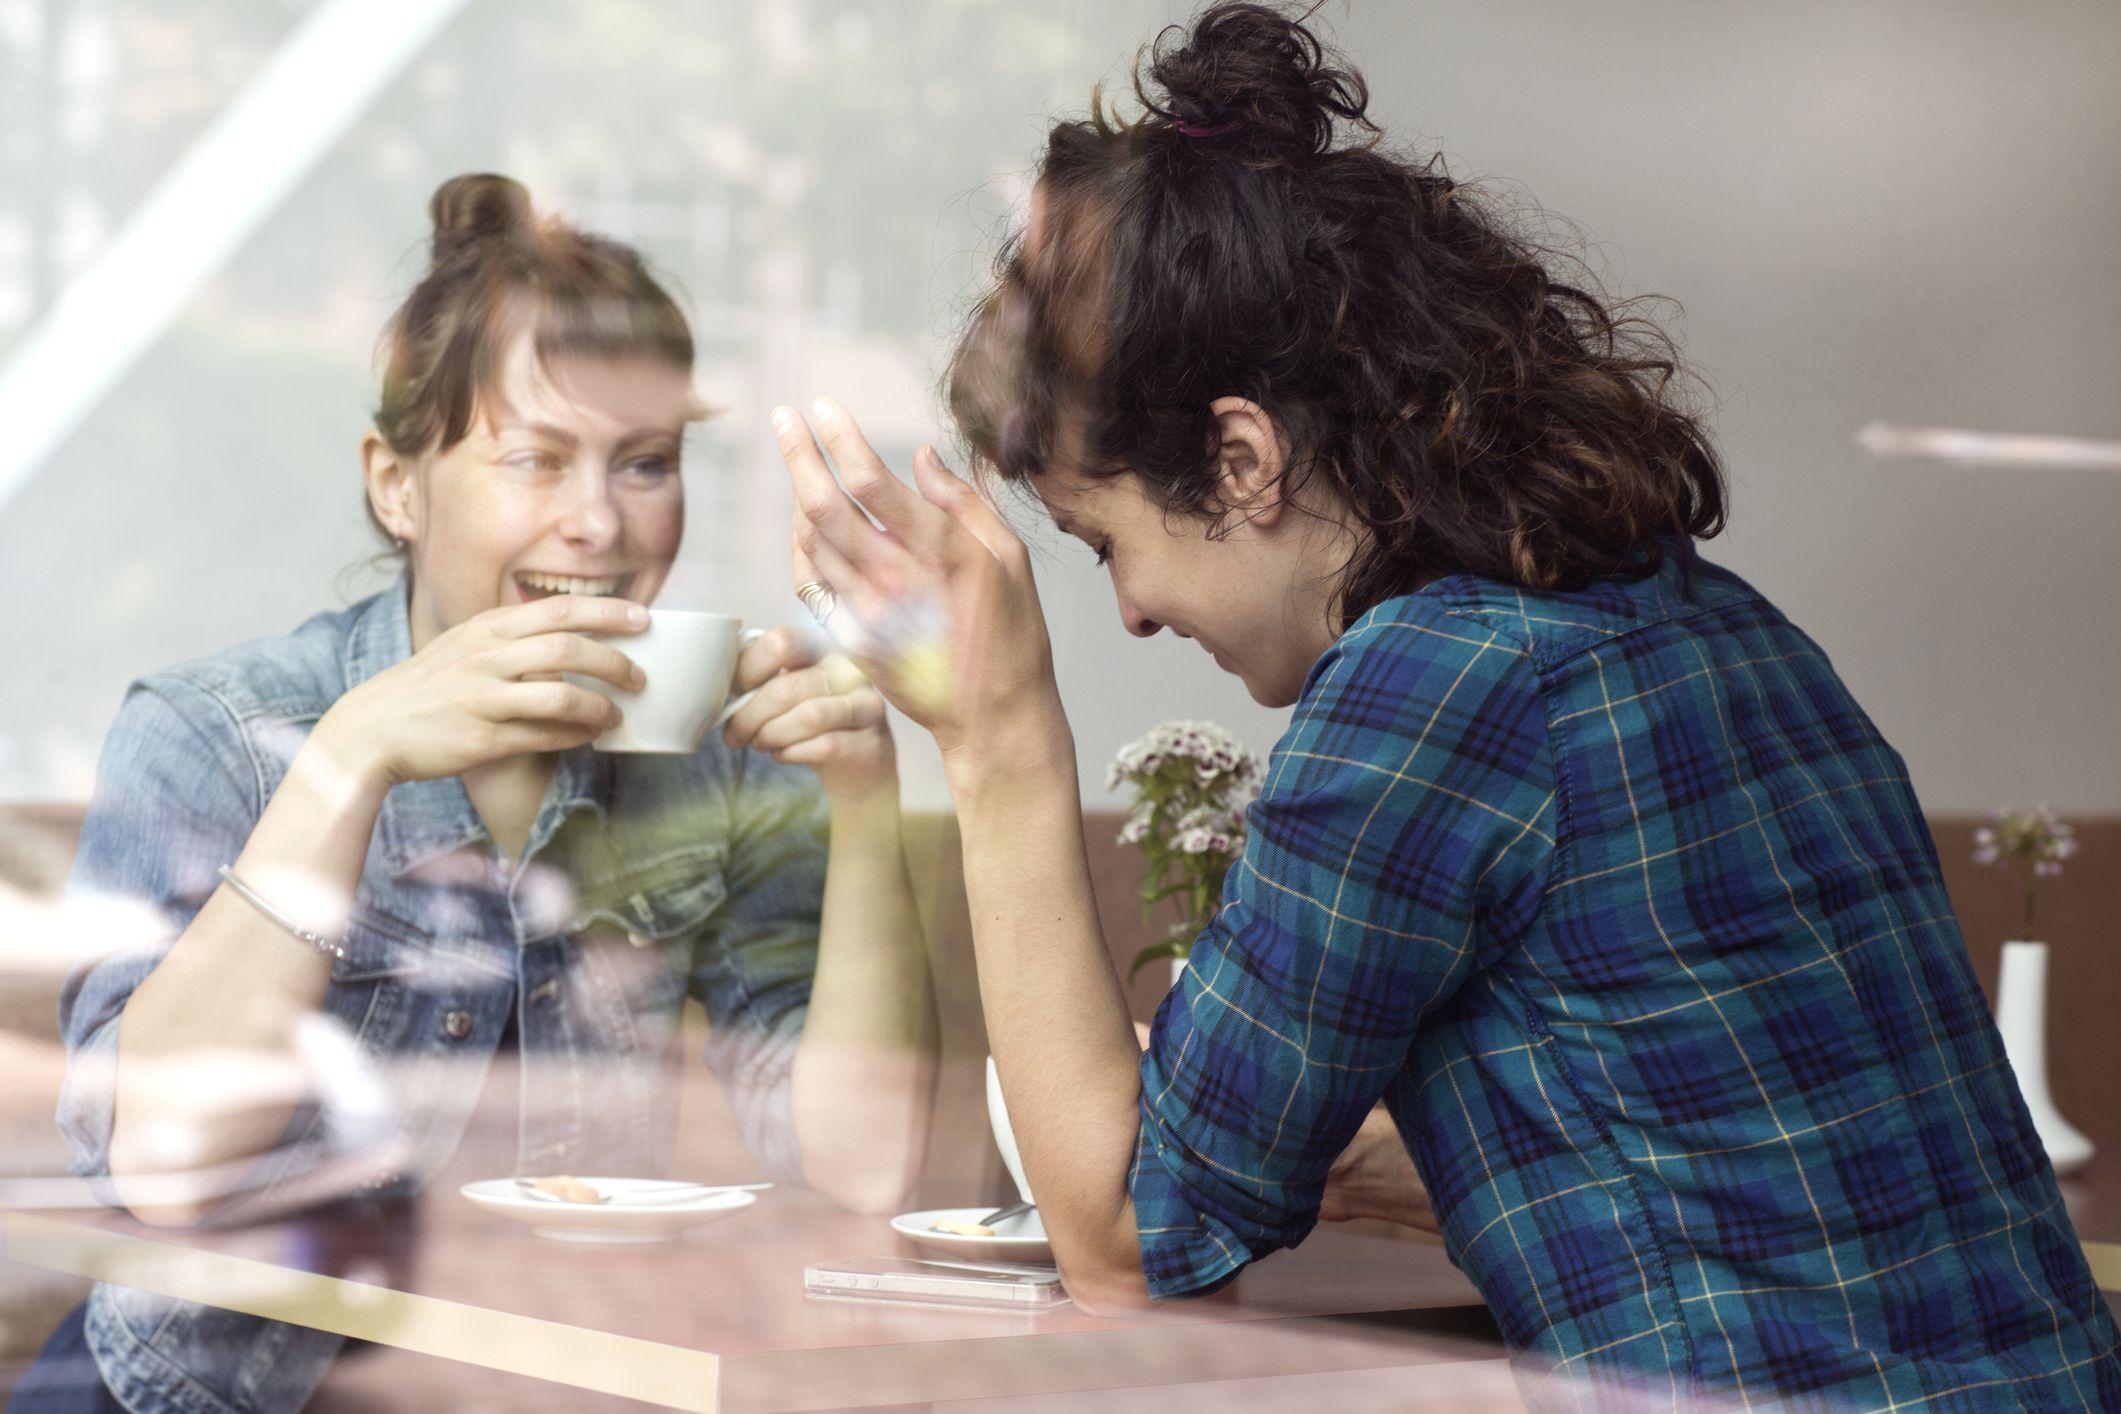 goedkope dating ideeën voor koppels